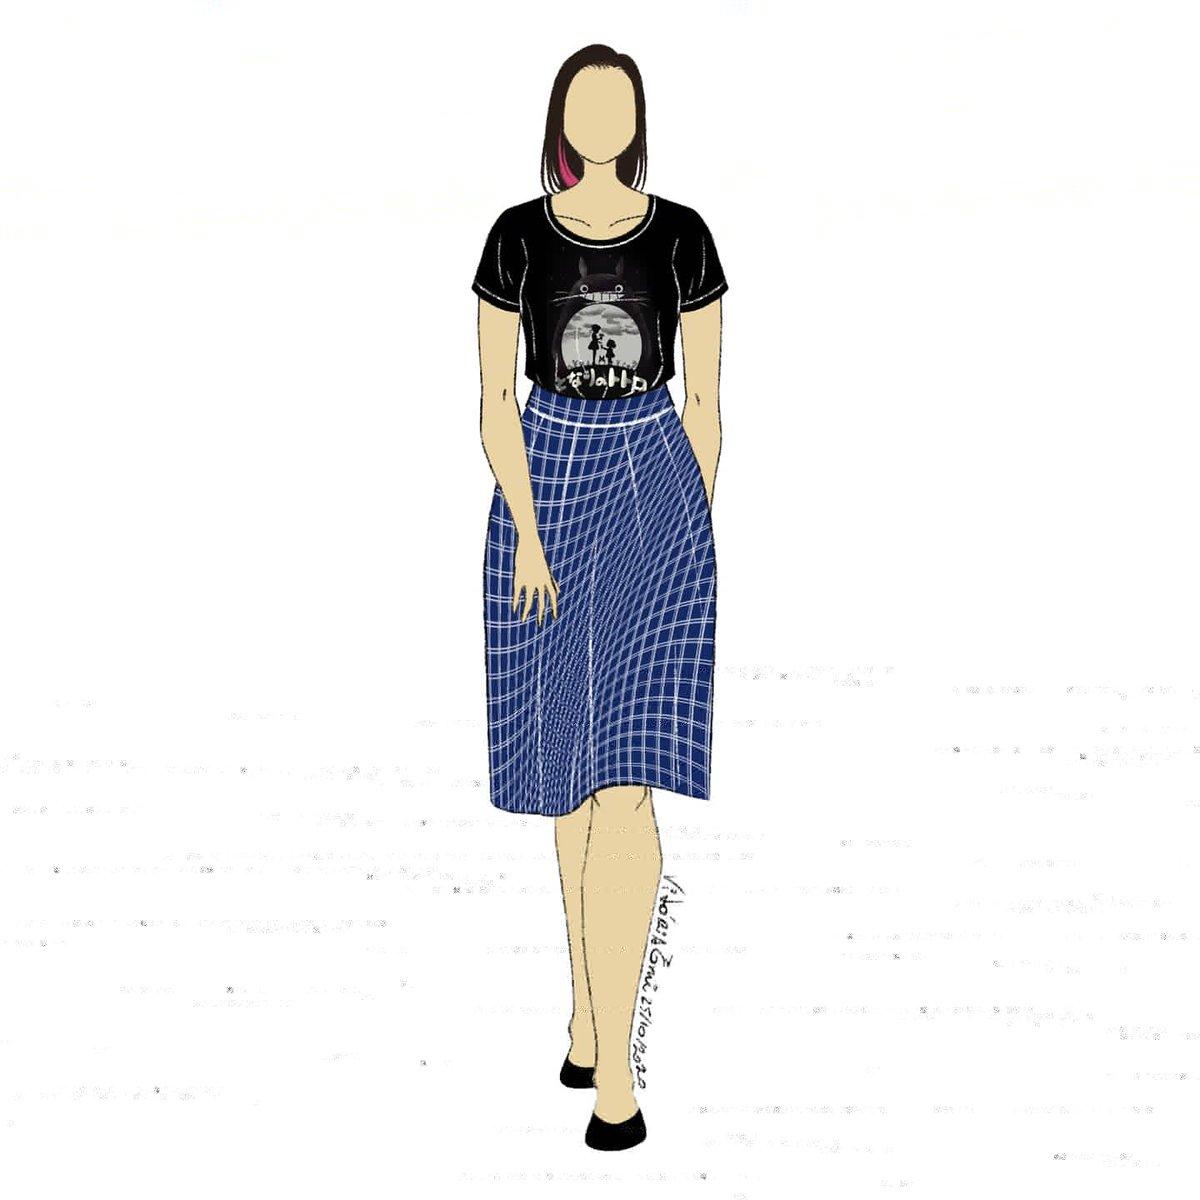 Tenho várias coisas de Totoro  #fashioninktober #day25 #dia25 #croquis #fashion #moda #desenho #sketch https://t.co/xM7eQnK53q